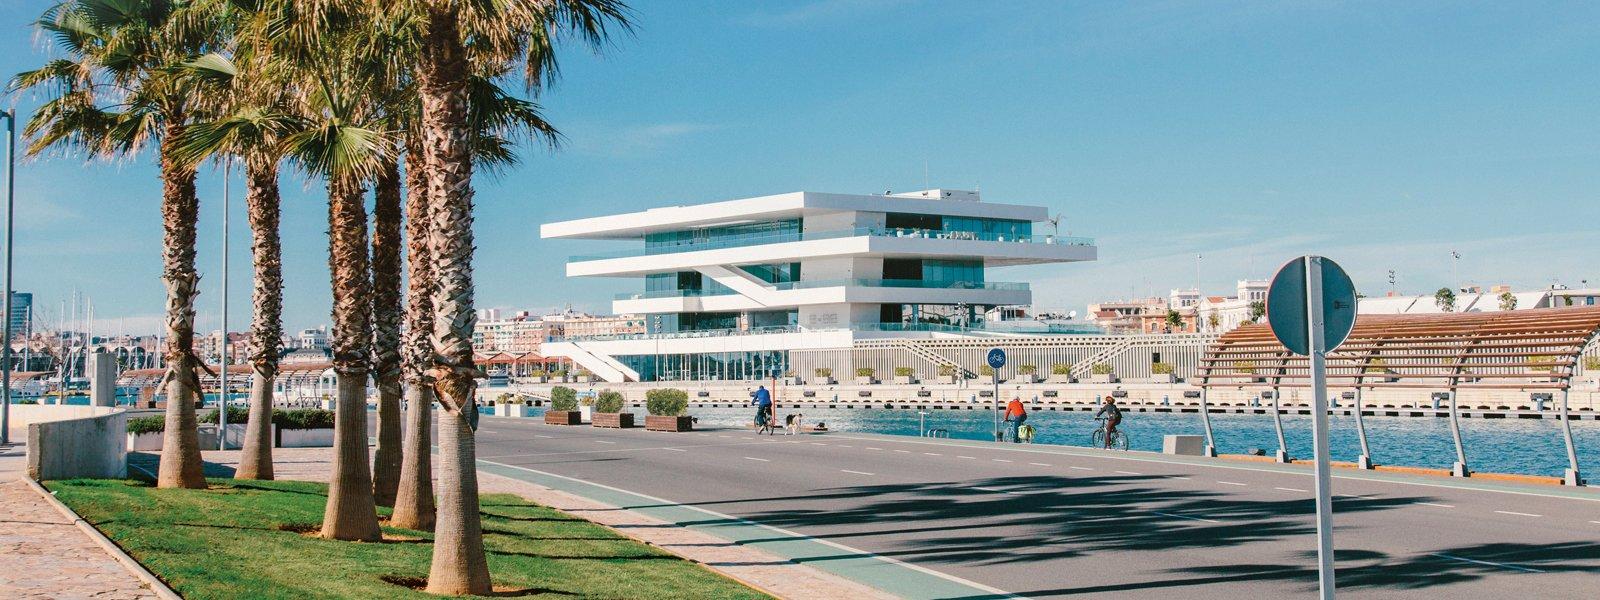 La Marina de València, localització per a la representació d'espectacles